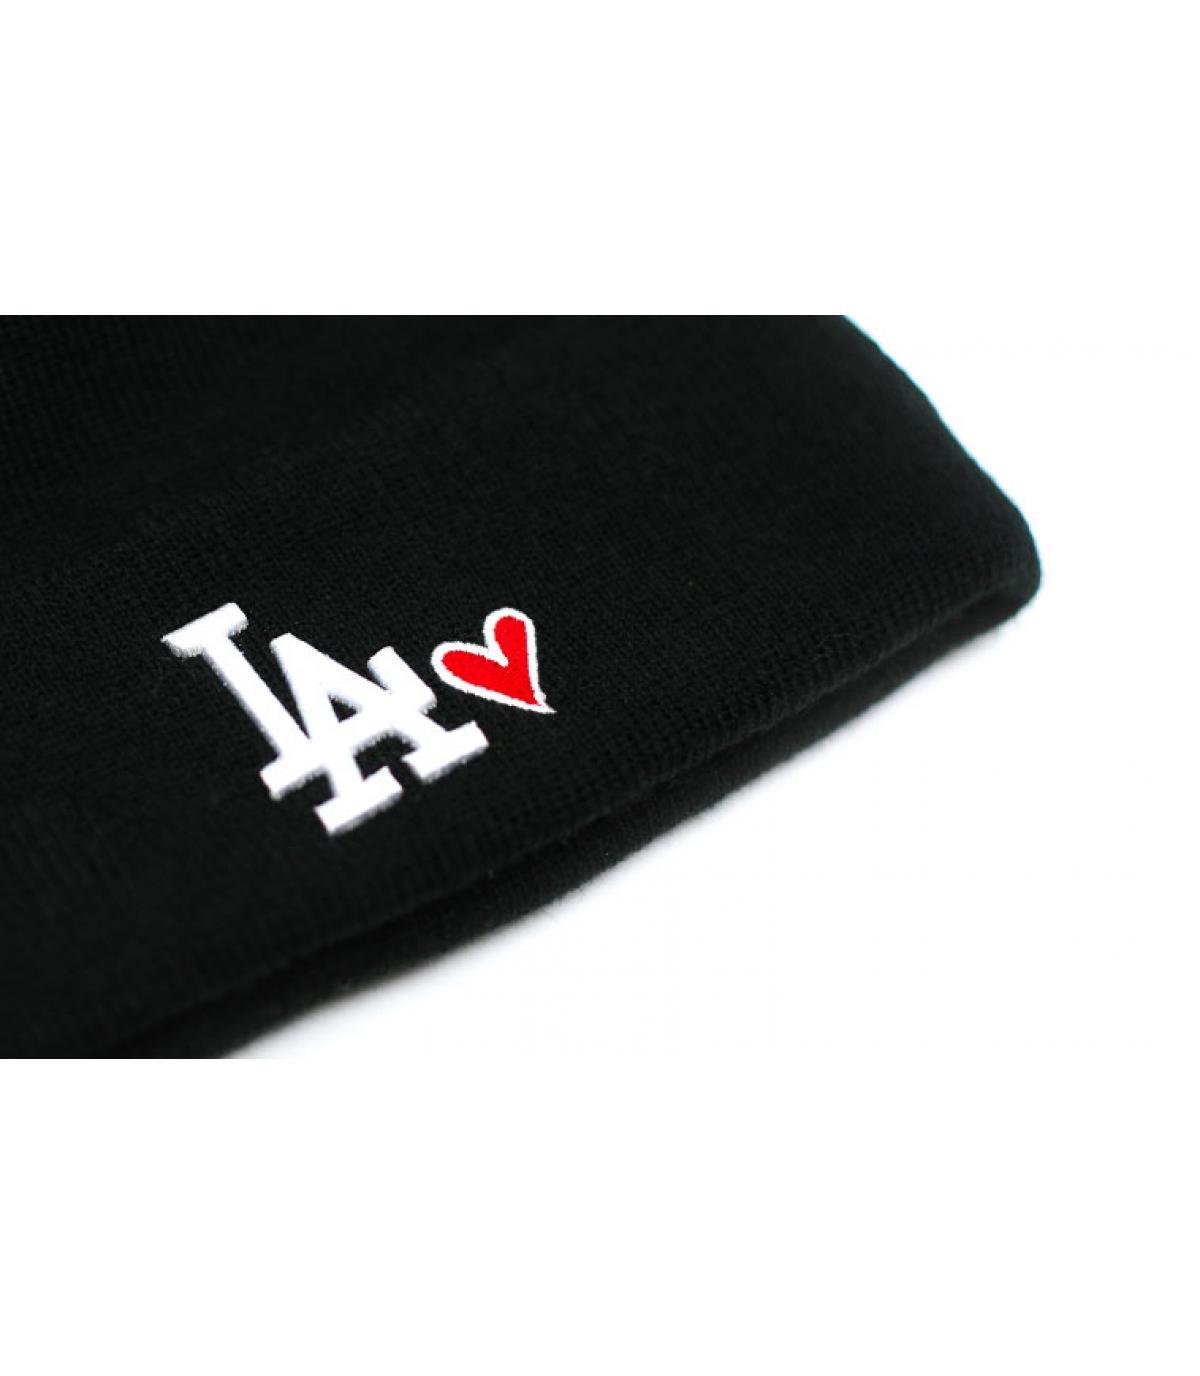 Details Bonnet Wmns Heart LA knit black - afbeeling 3